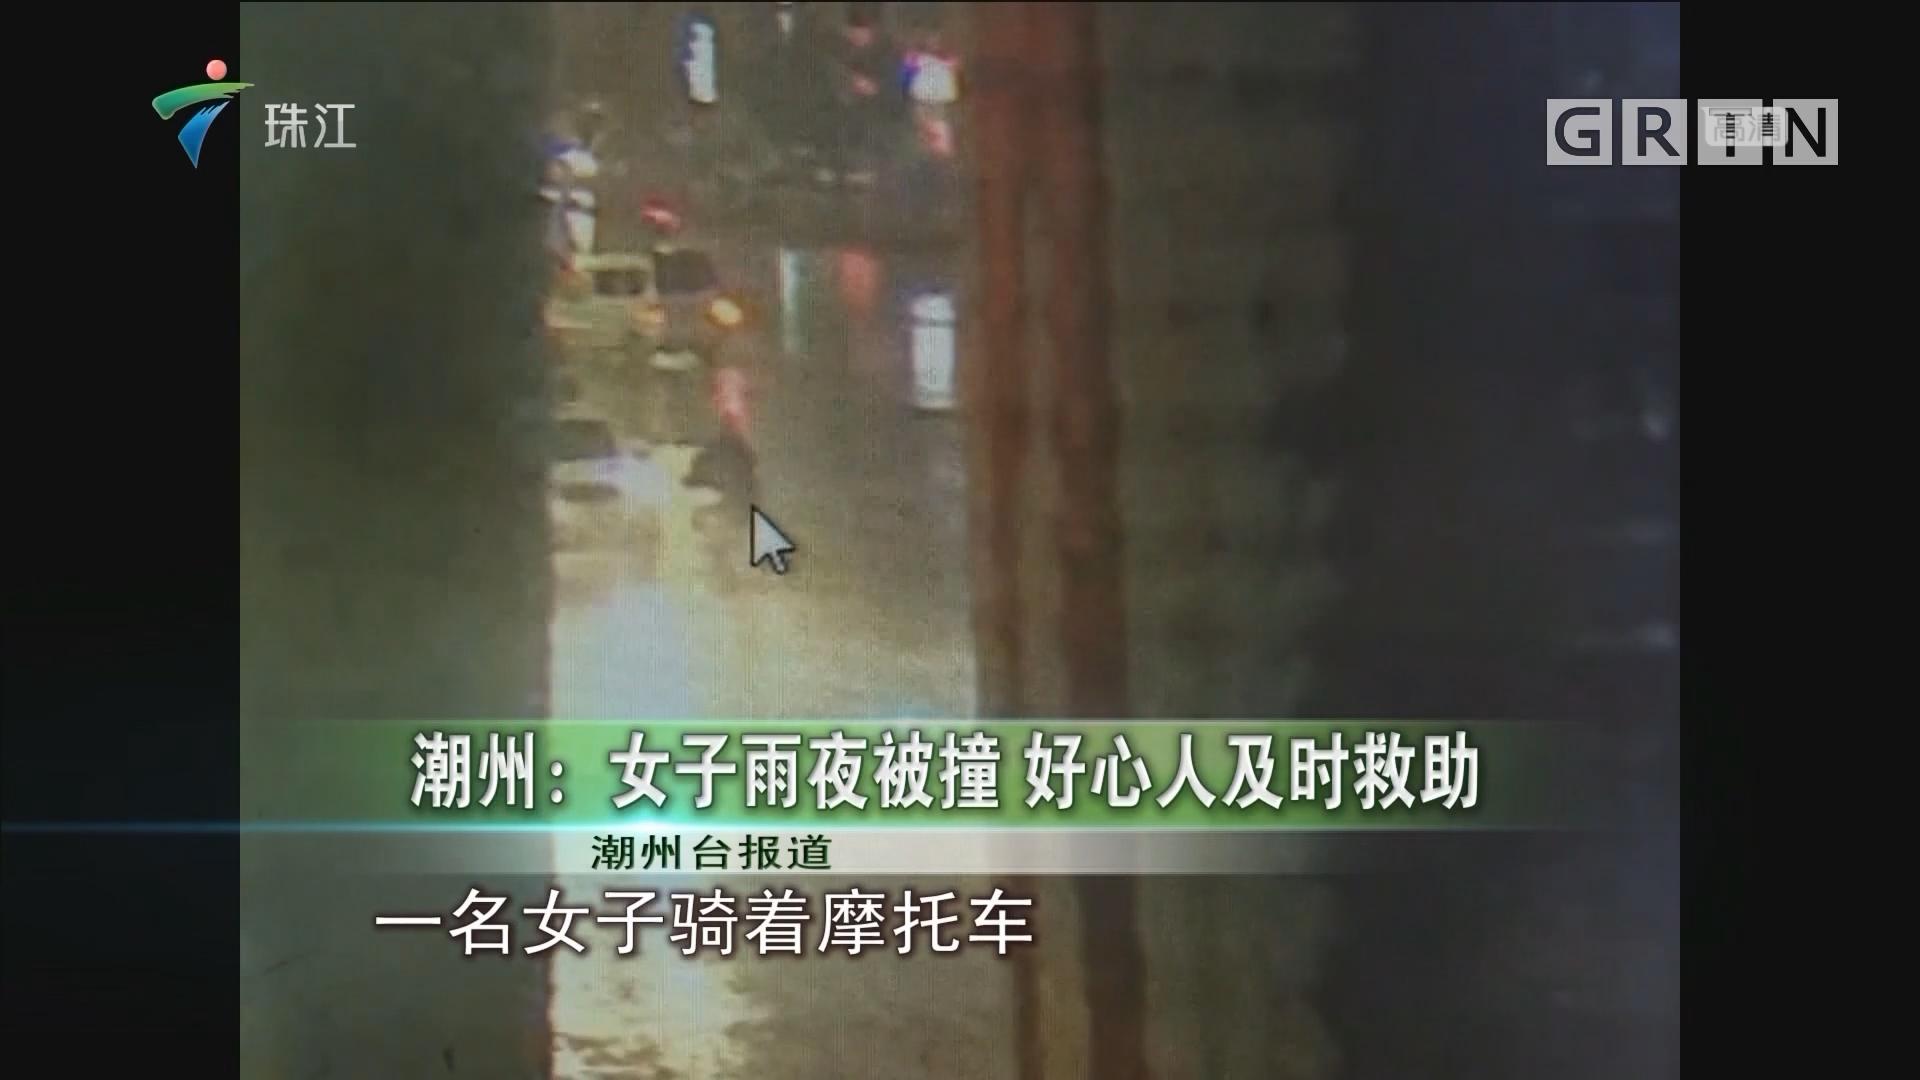 潮州:女子雨夜被撞 好心人及时救助